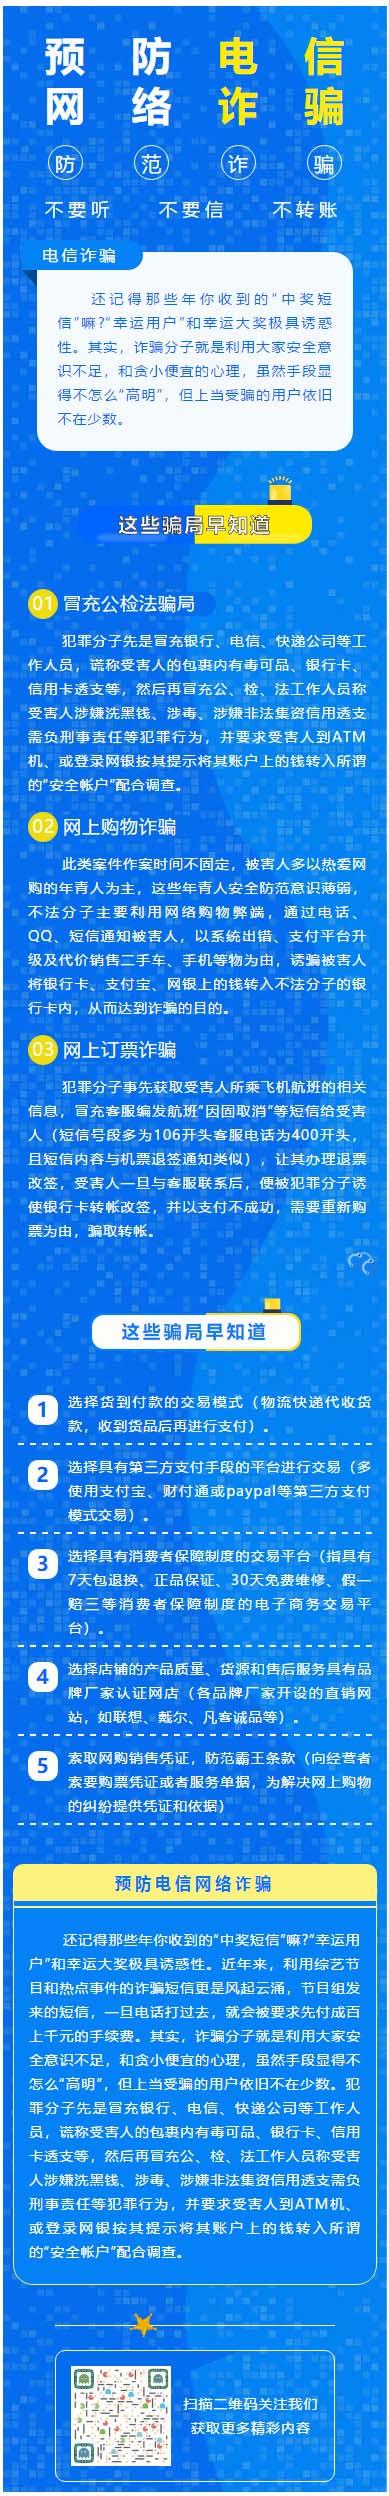 微信公众号模板蓝色推文素材电信诈骗电话网络诈骗推送图文素材